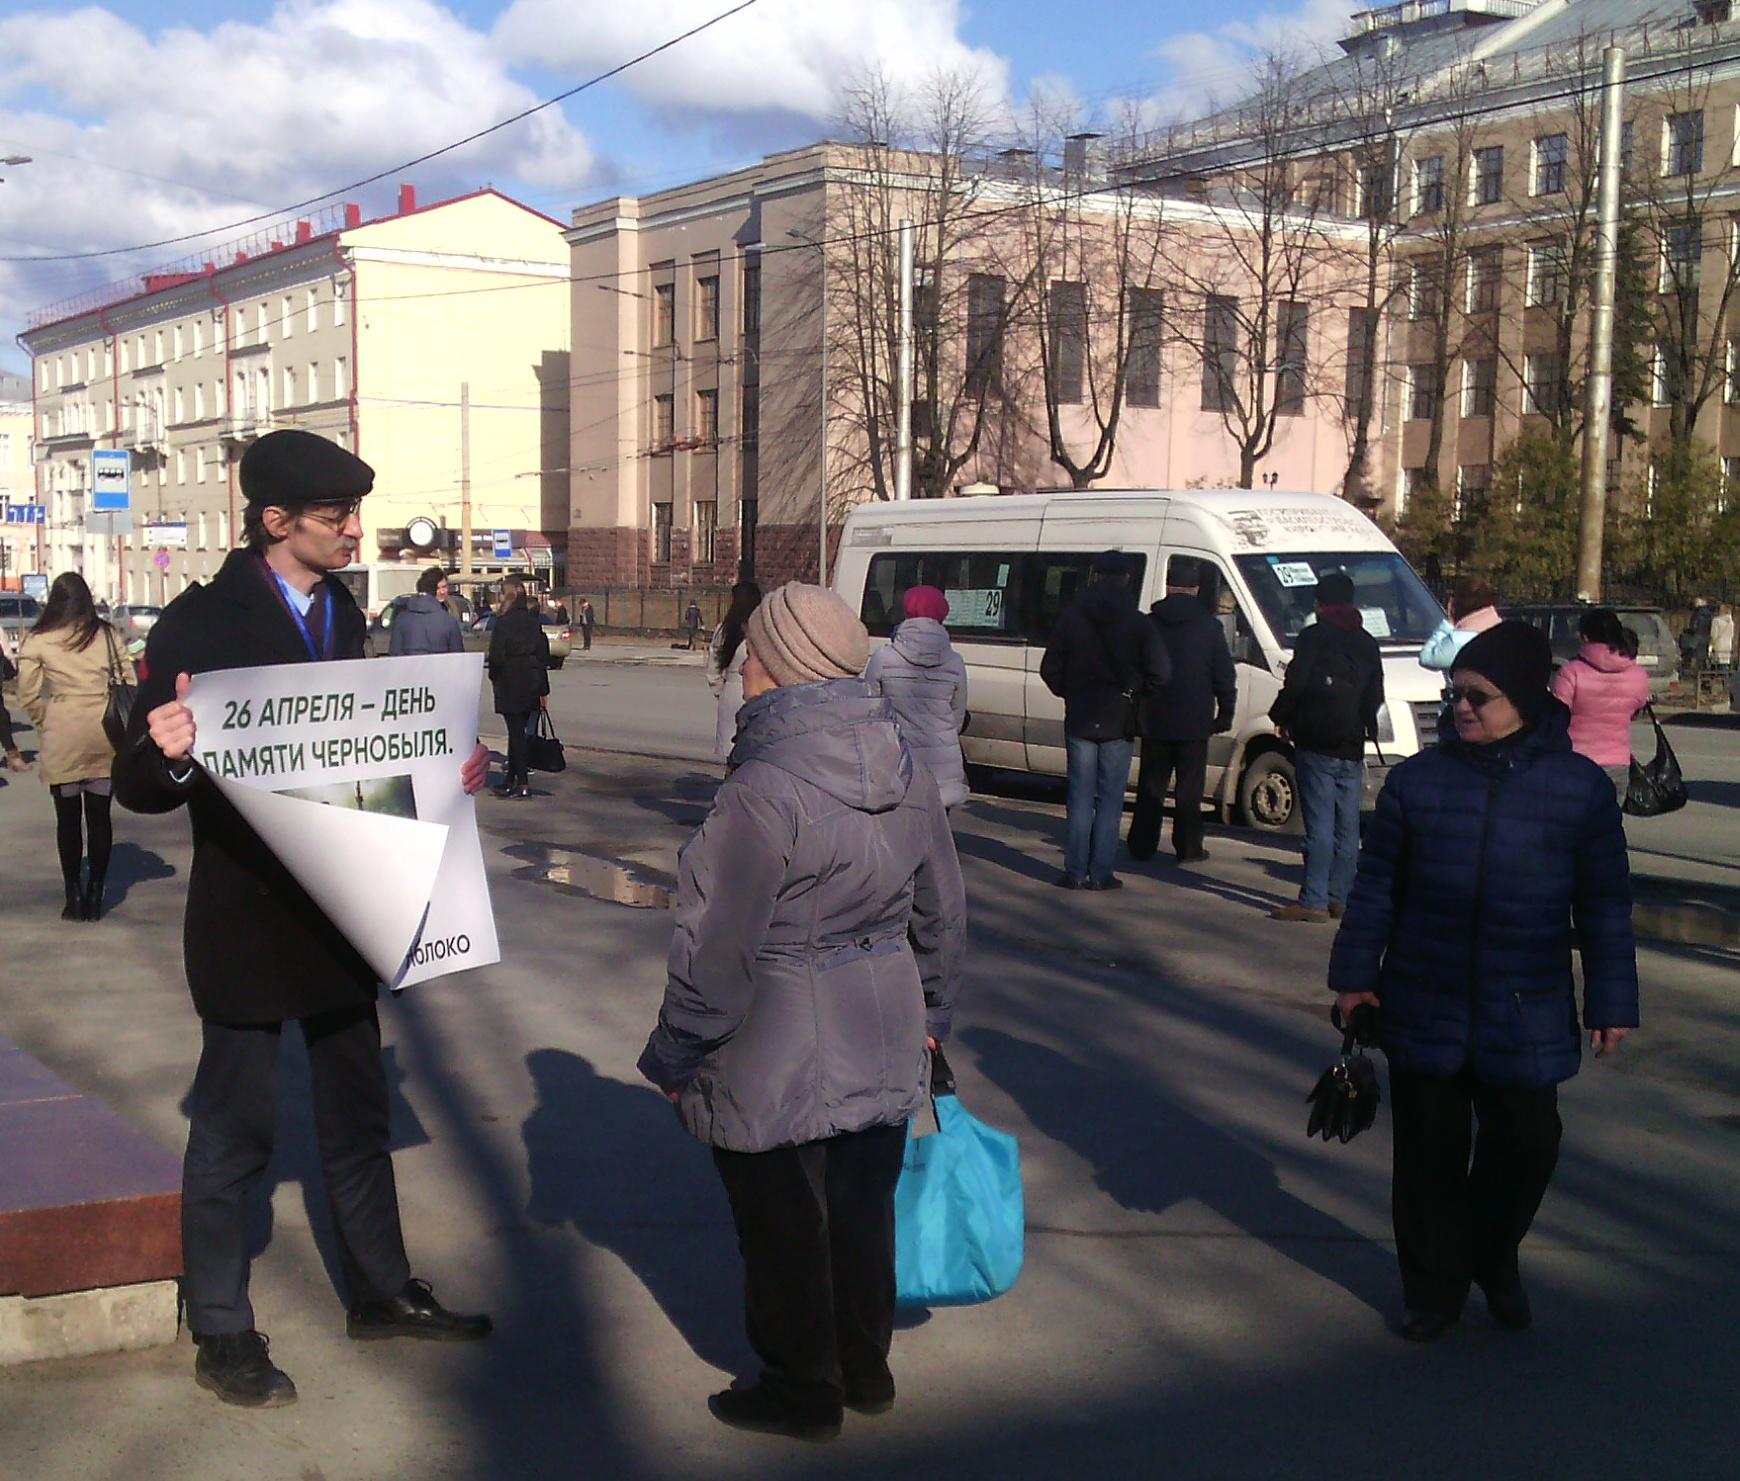 Акция на Студенческом бульваре. Фото: Валерий Поташов